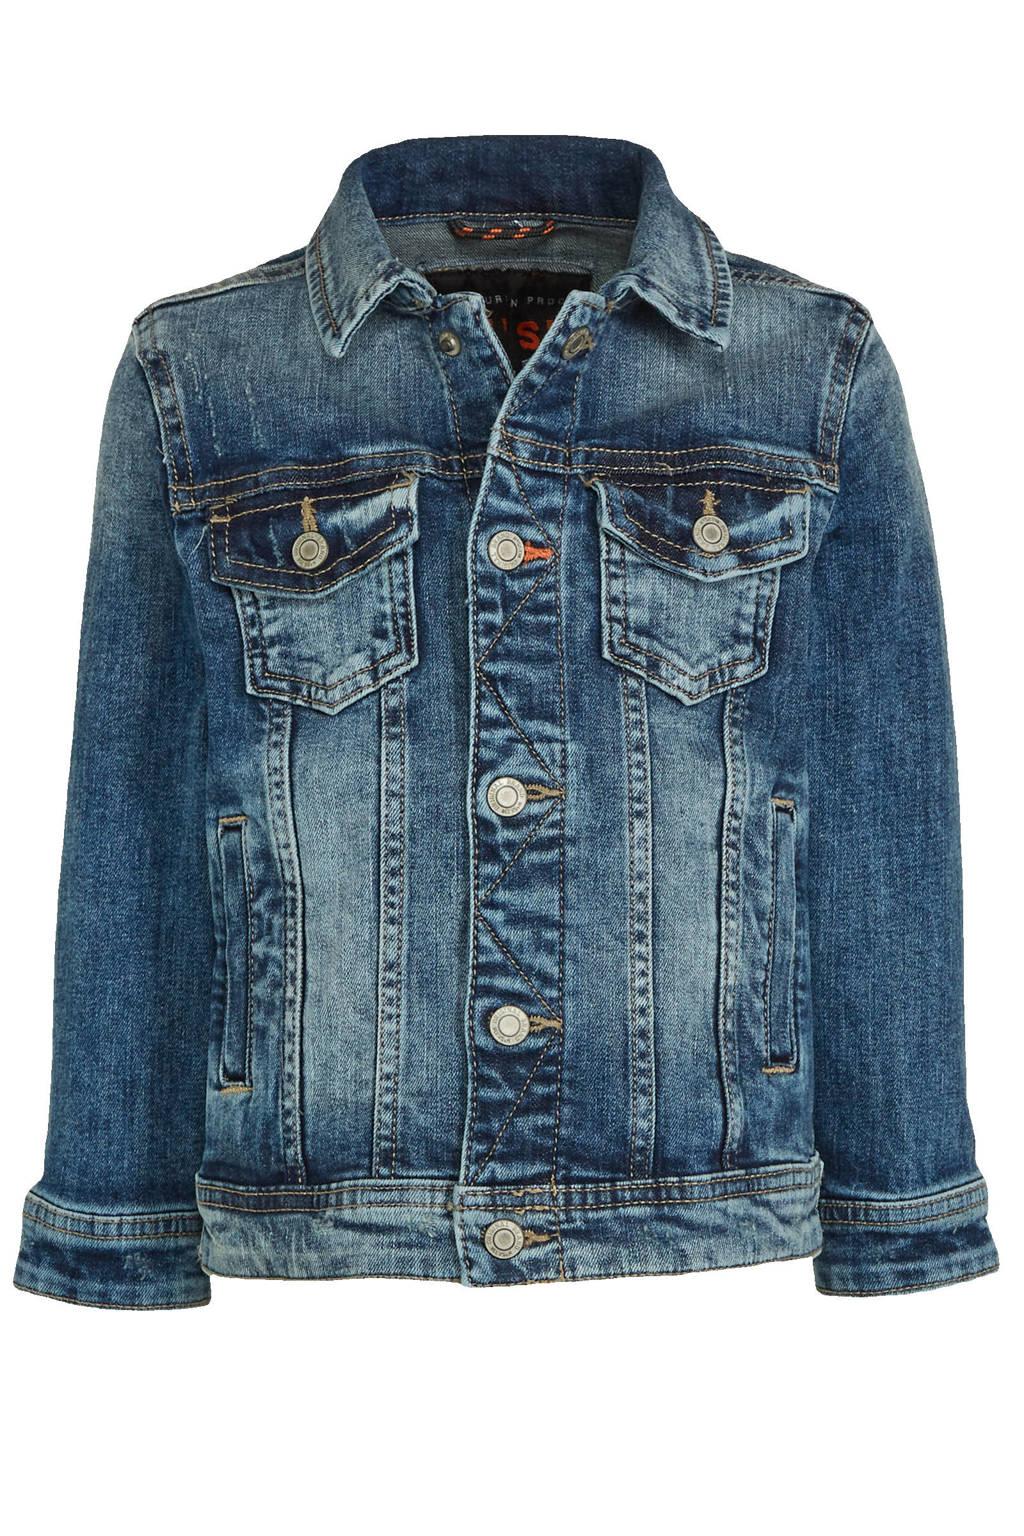 C&A Palomino spijkerjas blauw, Blauw